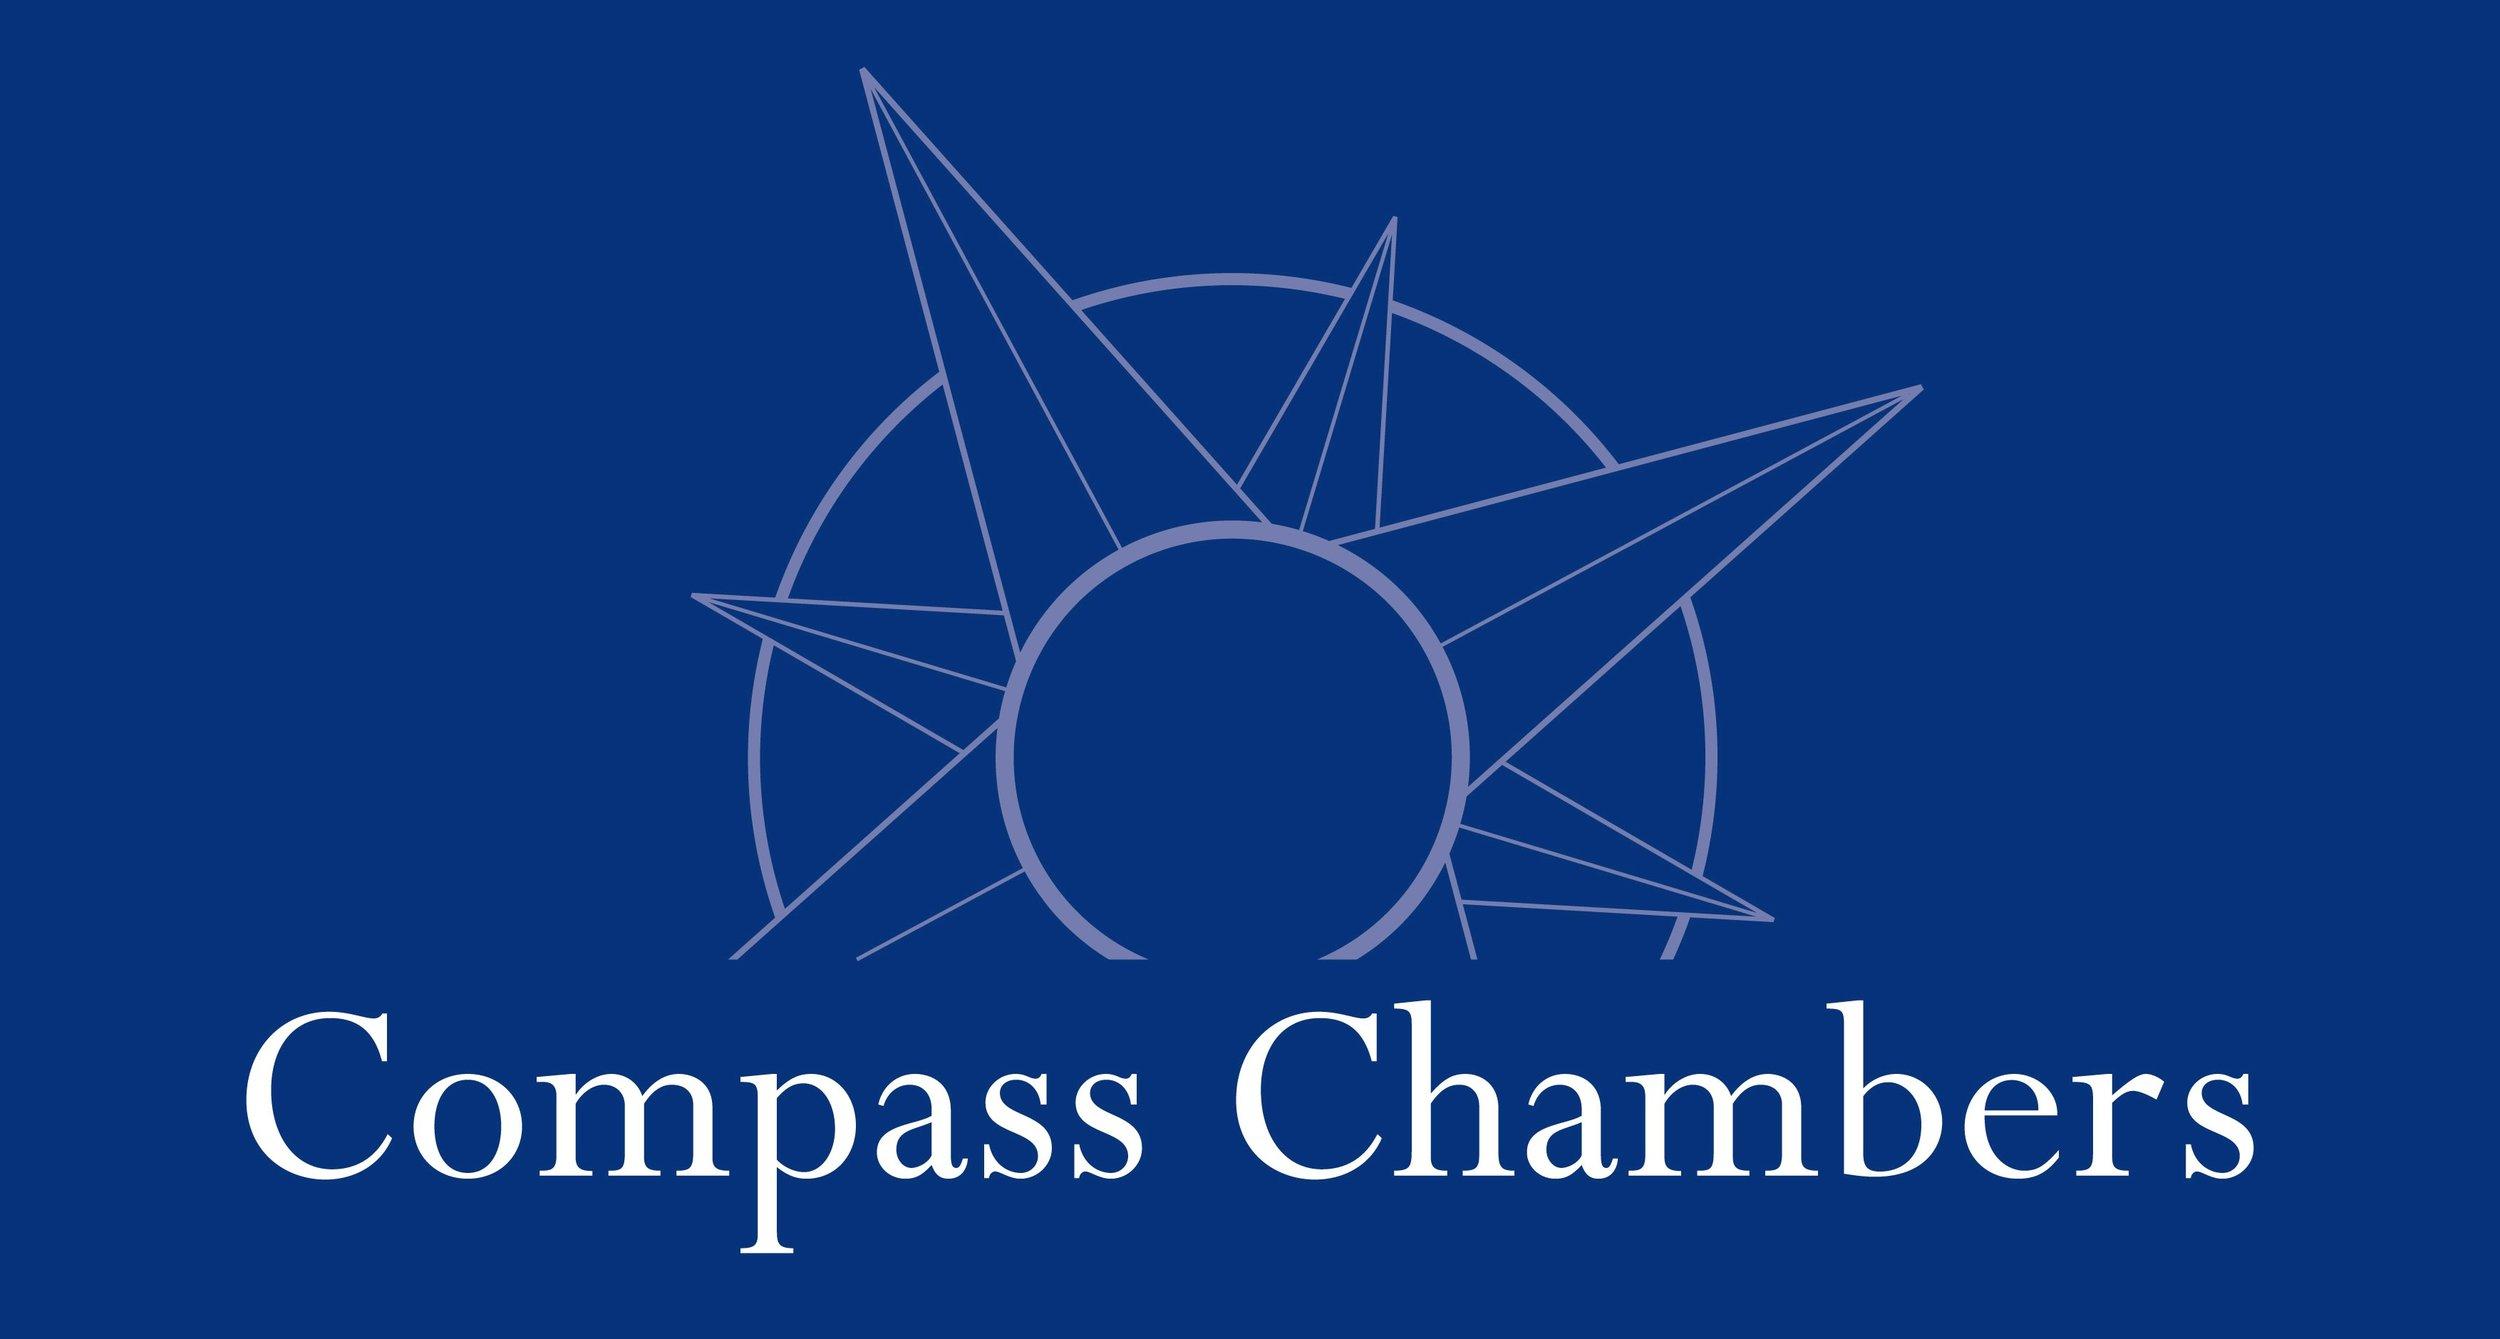 compass chambers.jpg